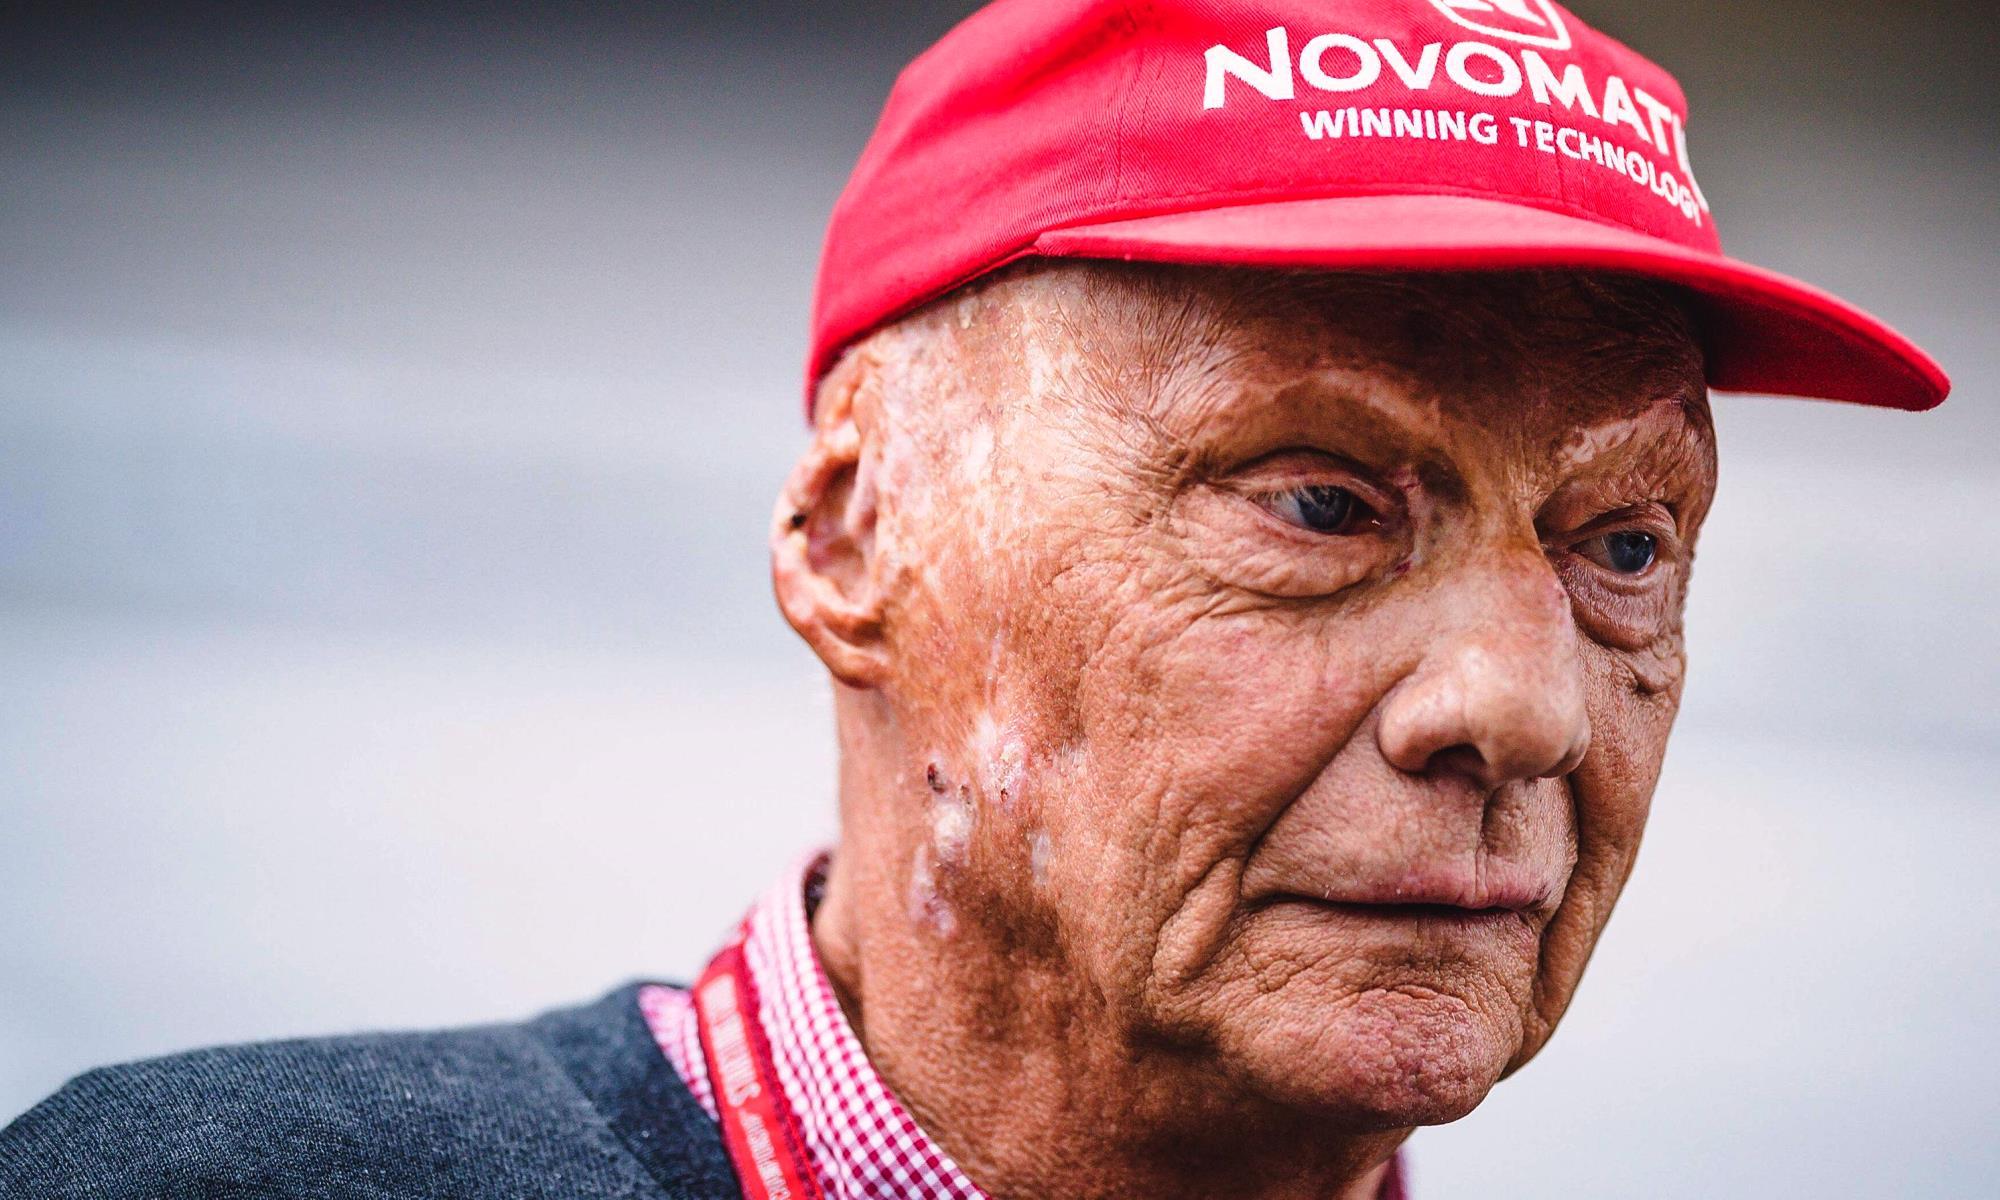 Niki Lauda dies aged 70